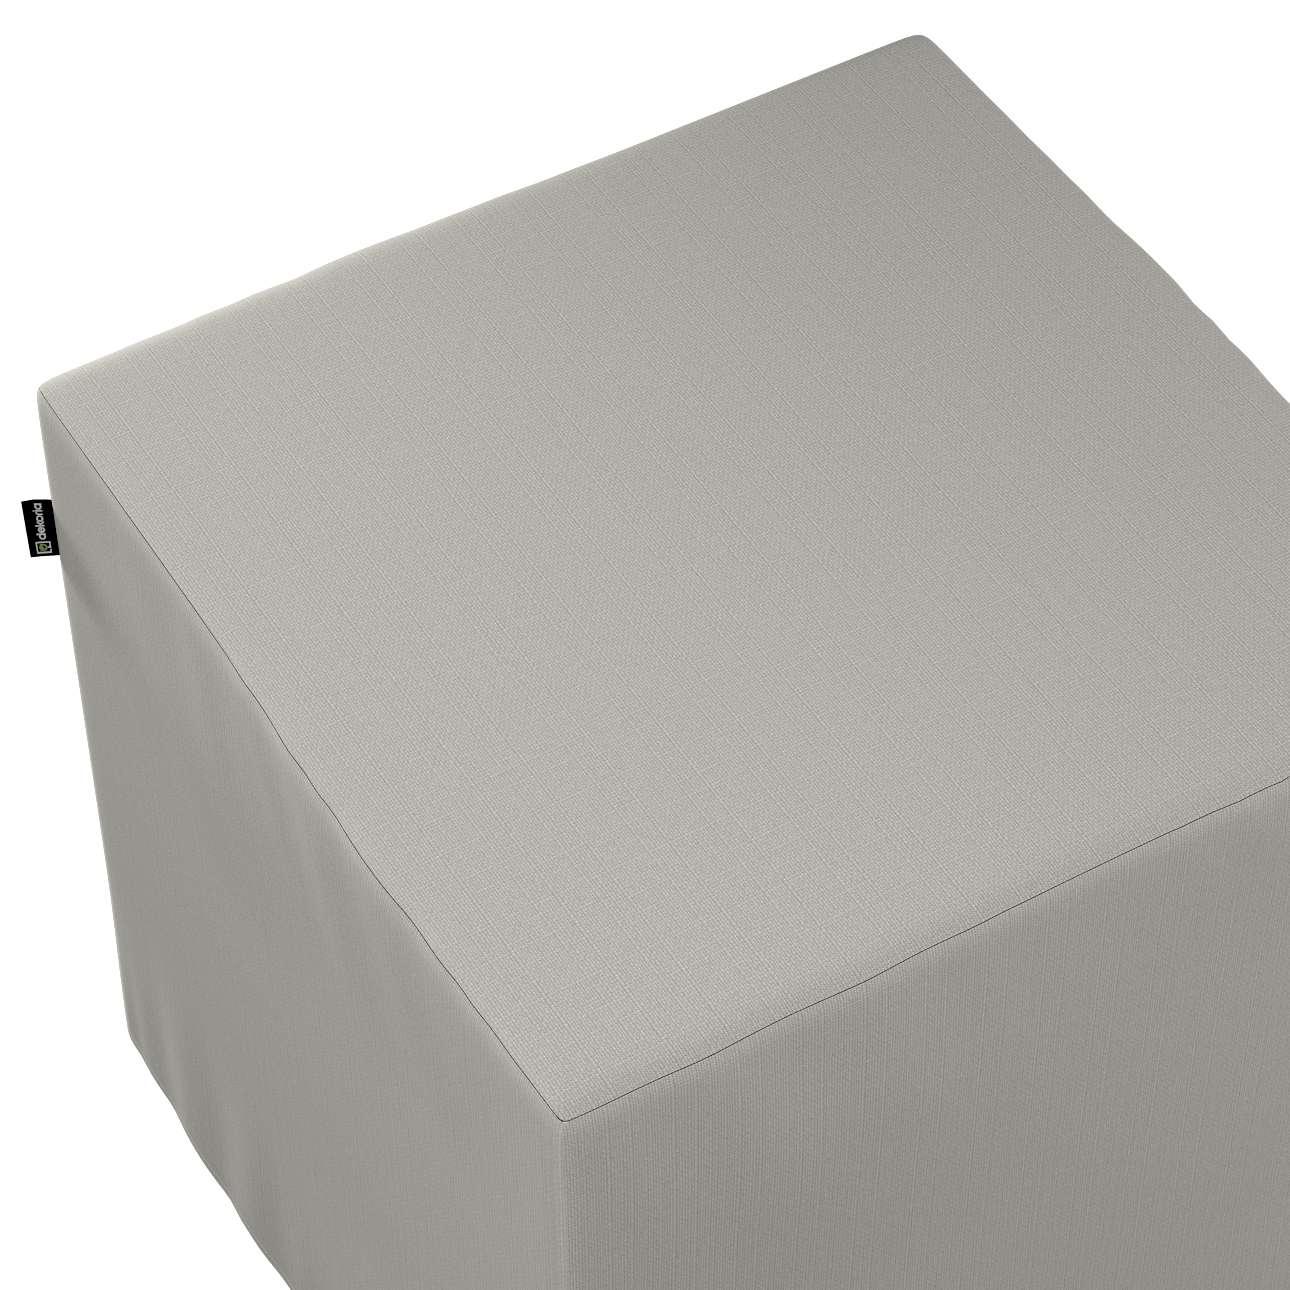 Pokrowiec na pufę kostkę w kolekcji Living, tkanina: 161-54